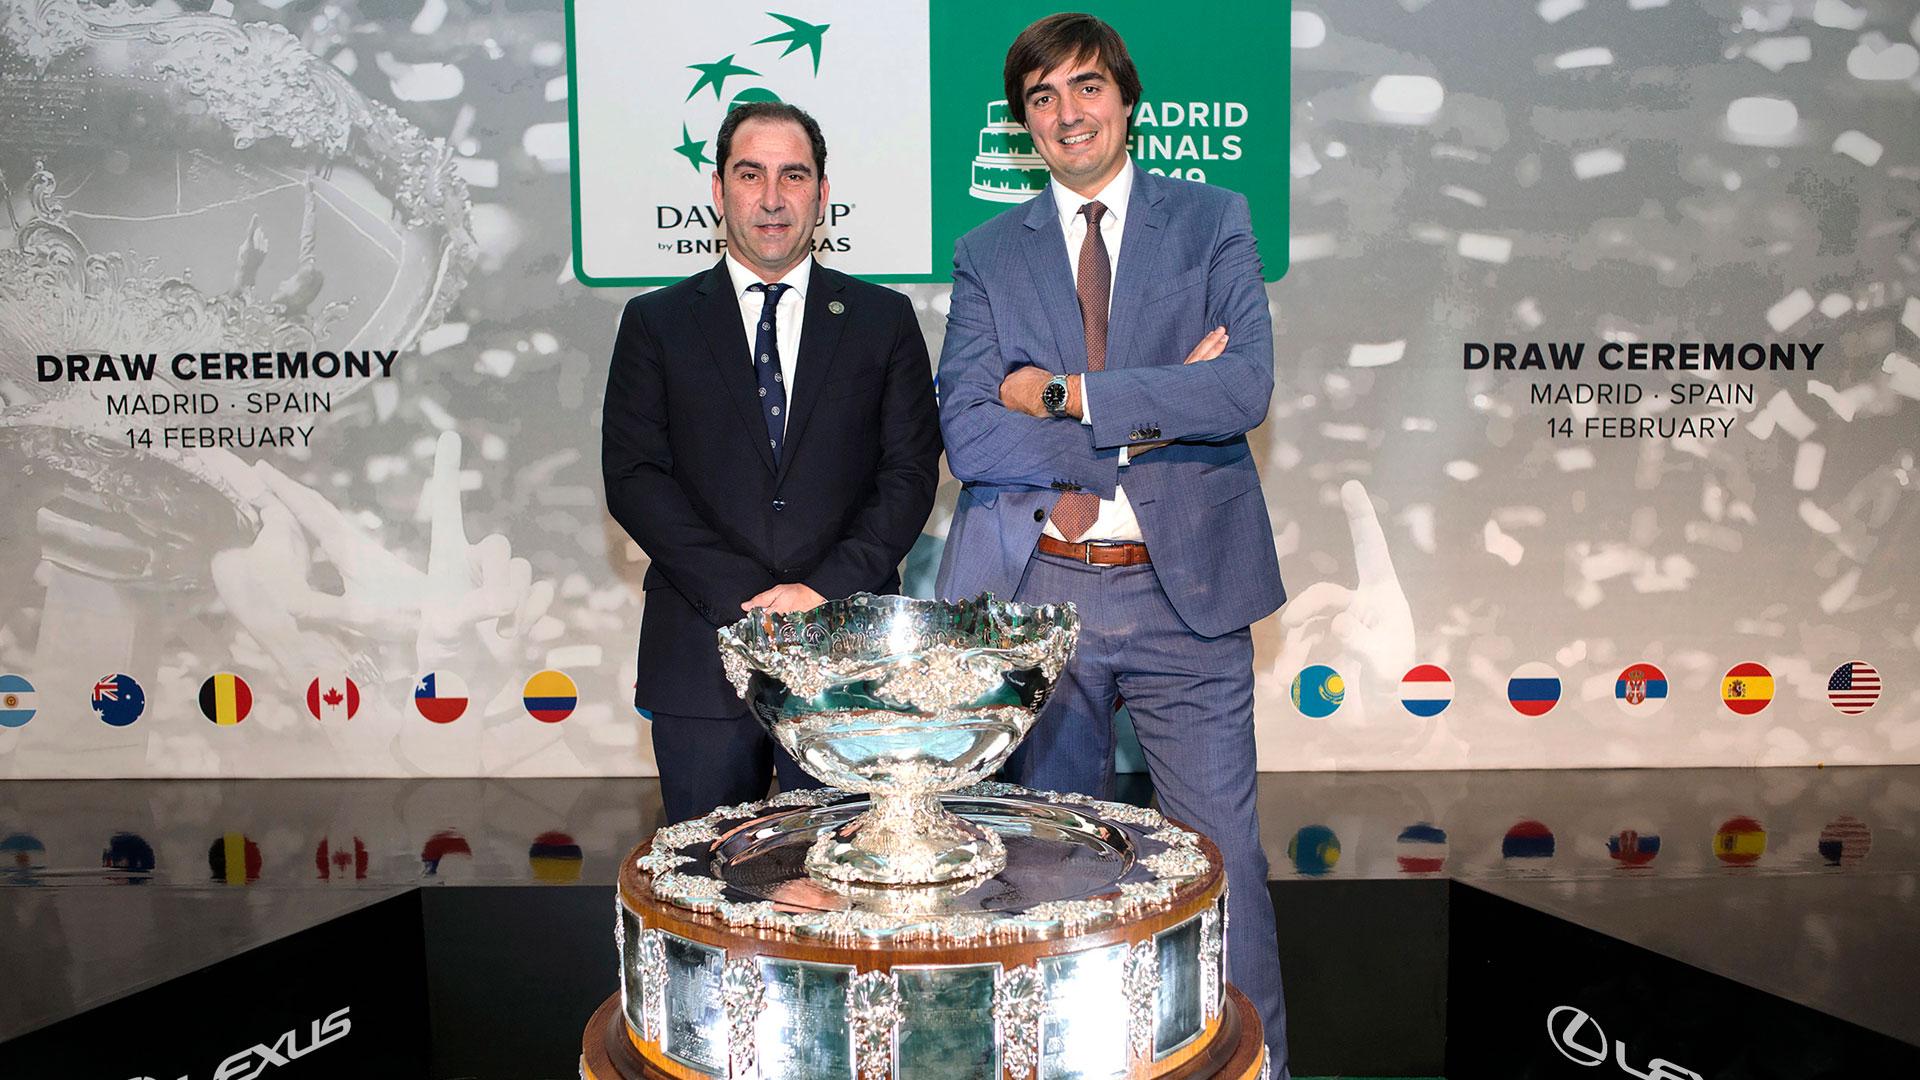 Imagen del evento del sorteo de las Davis Cup Madrid Finals 2019